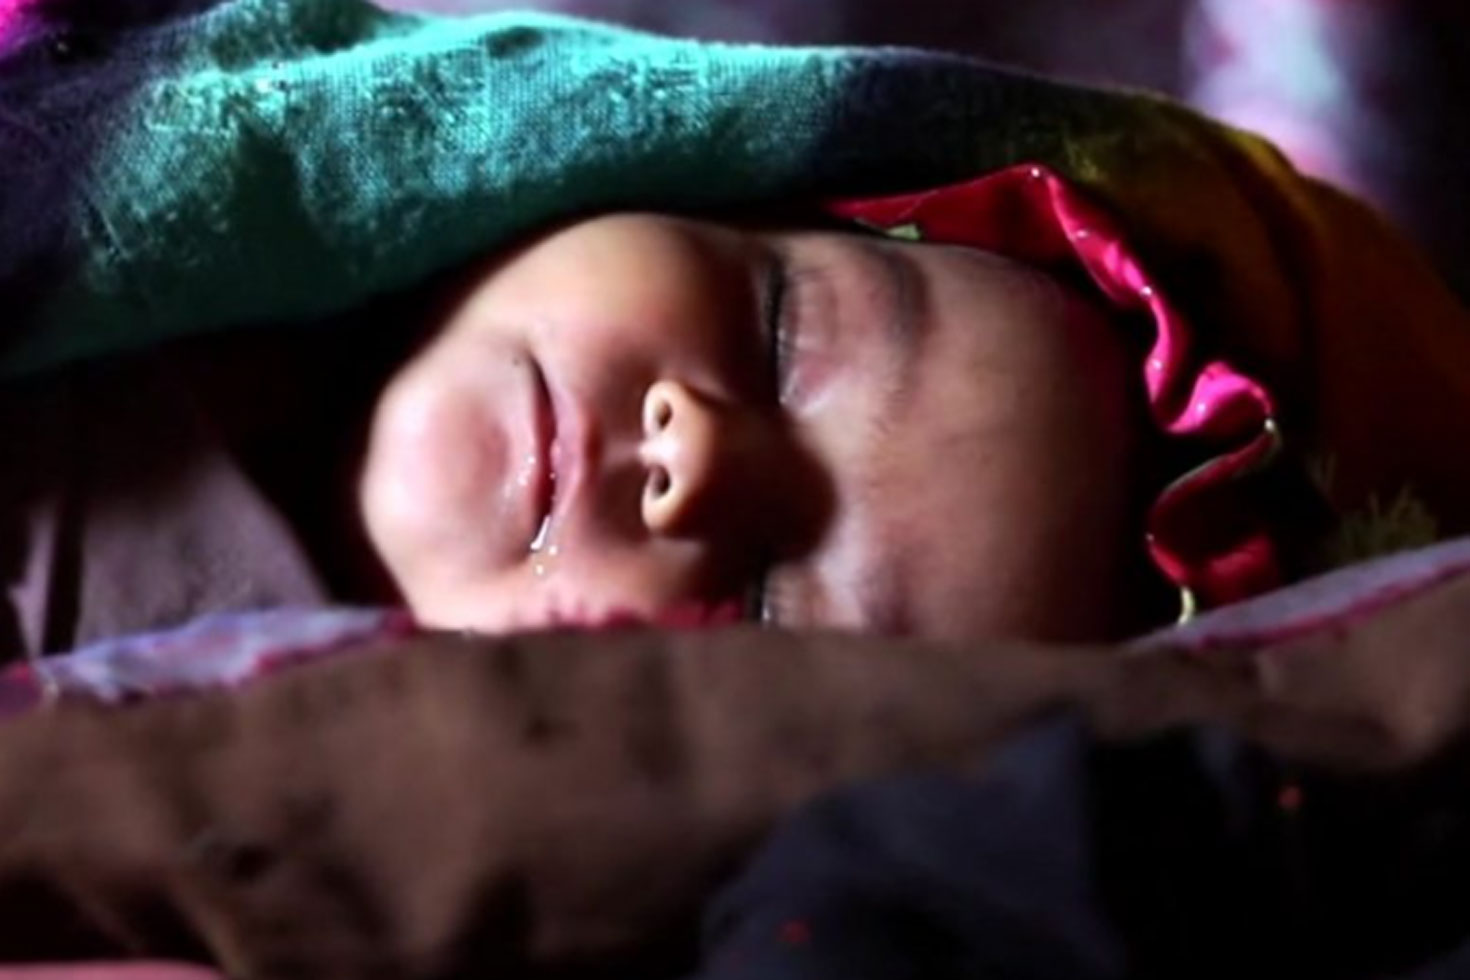 আফগানিস্তানে ৫০০ ডলারে মেয়েশিশু বিক্রি